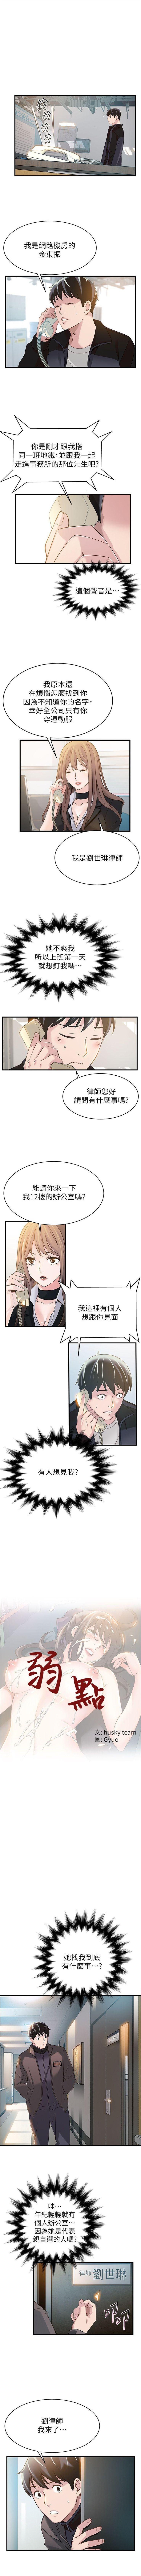 弱點 1-101 官方中文(連載中) 29